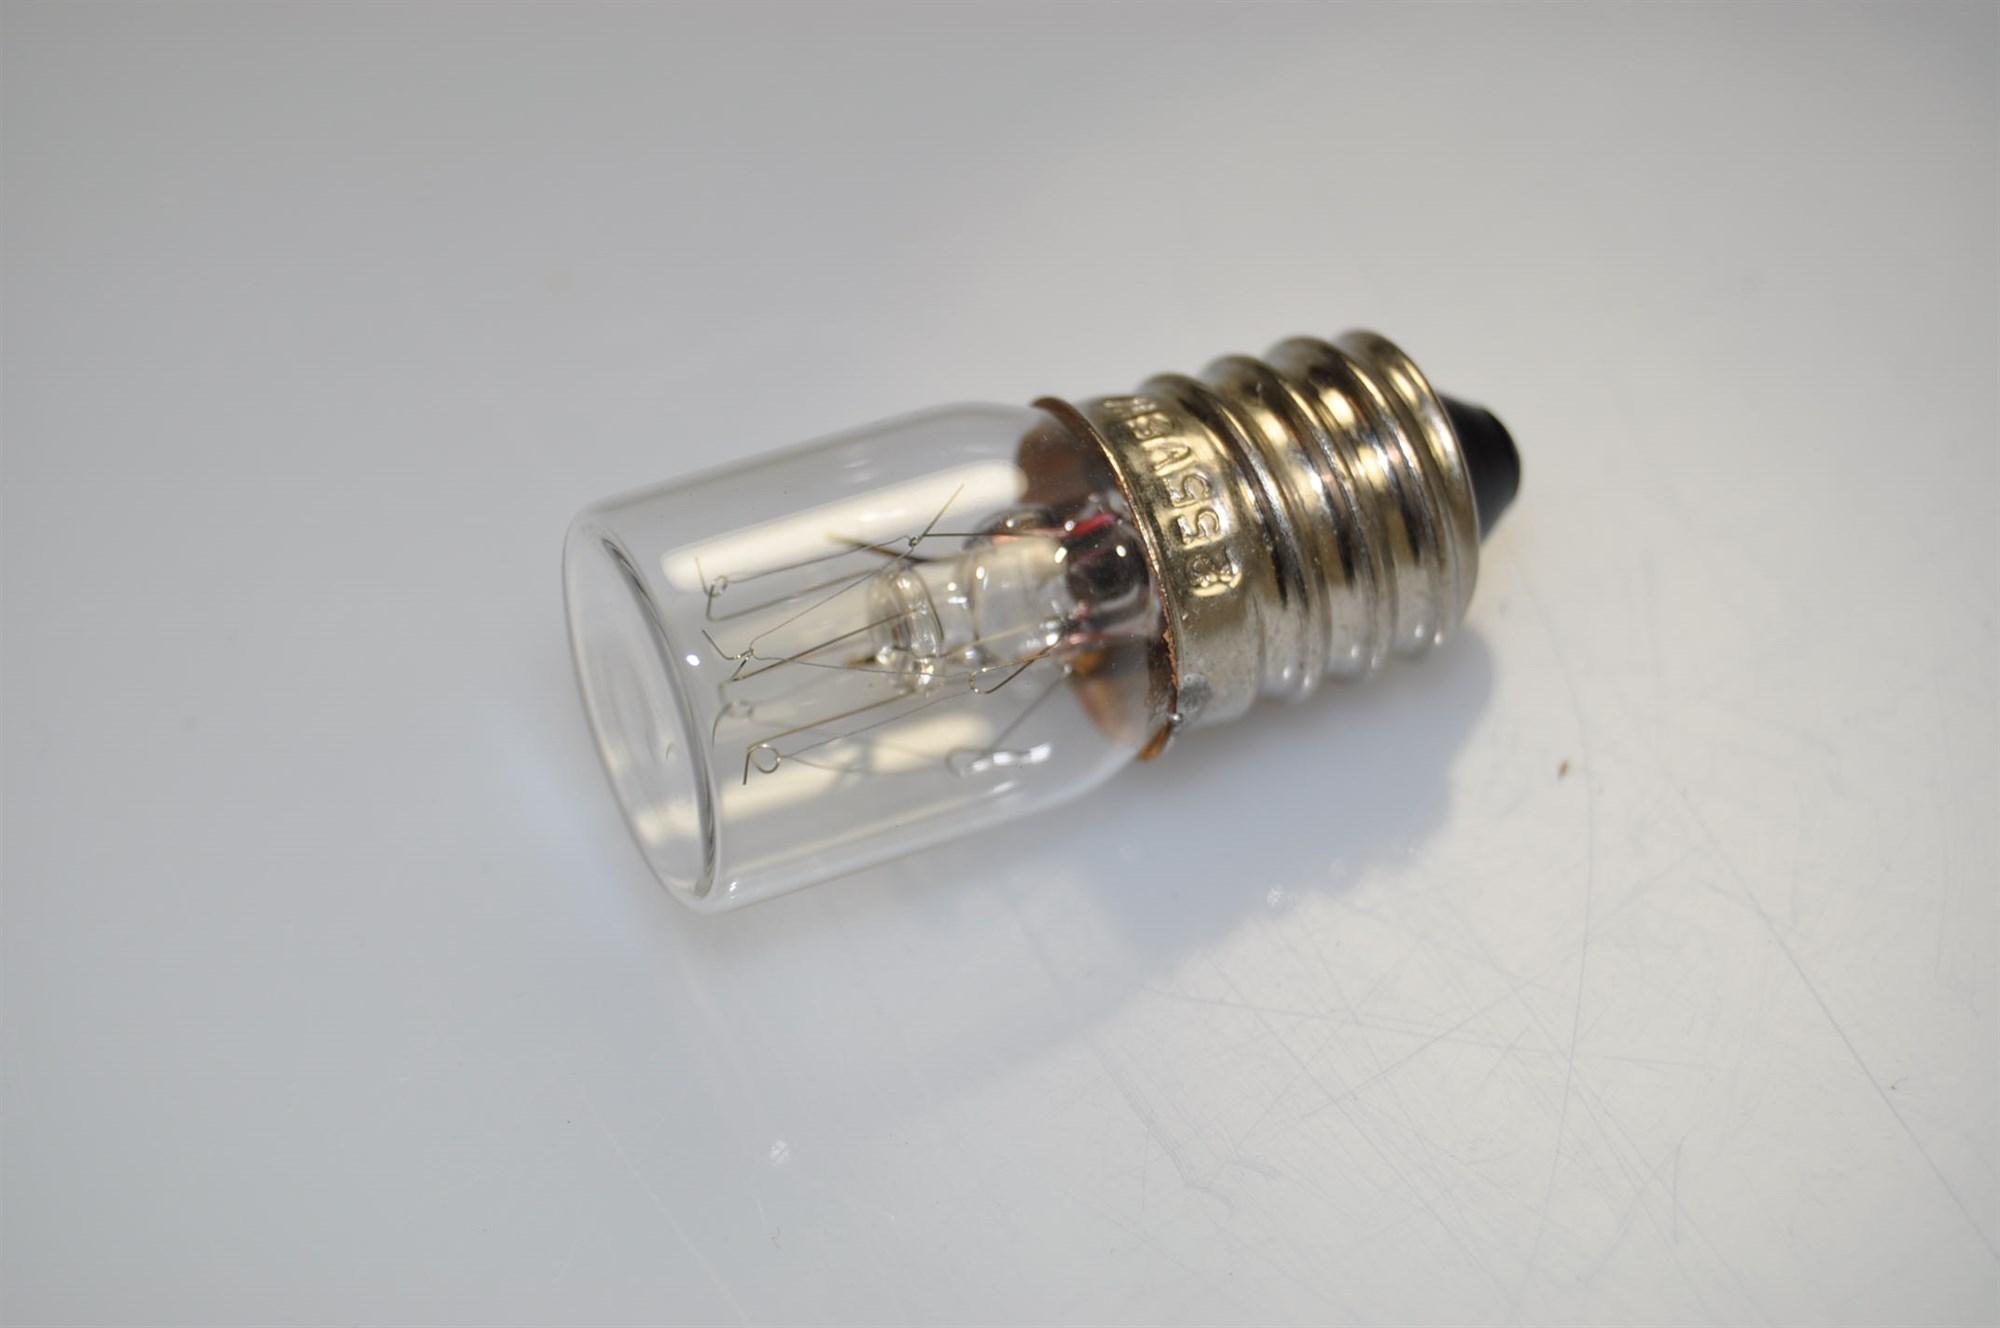 Siemens Kühlschrank Glühbirne : Glühbirne siemens side by side kühlschrank wasserspender